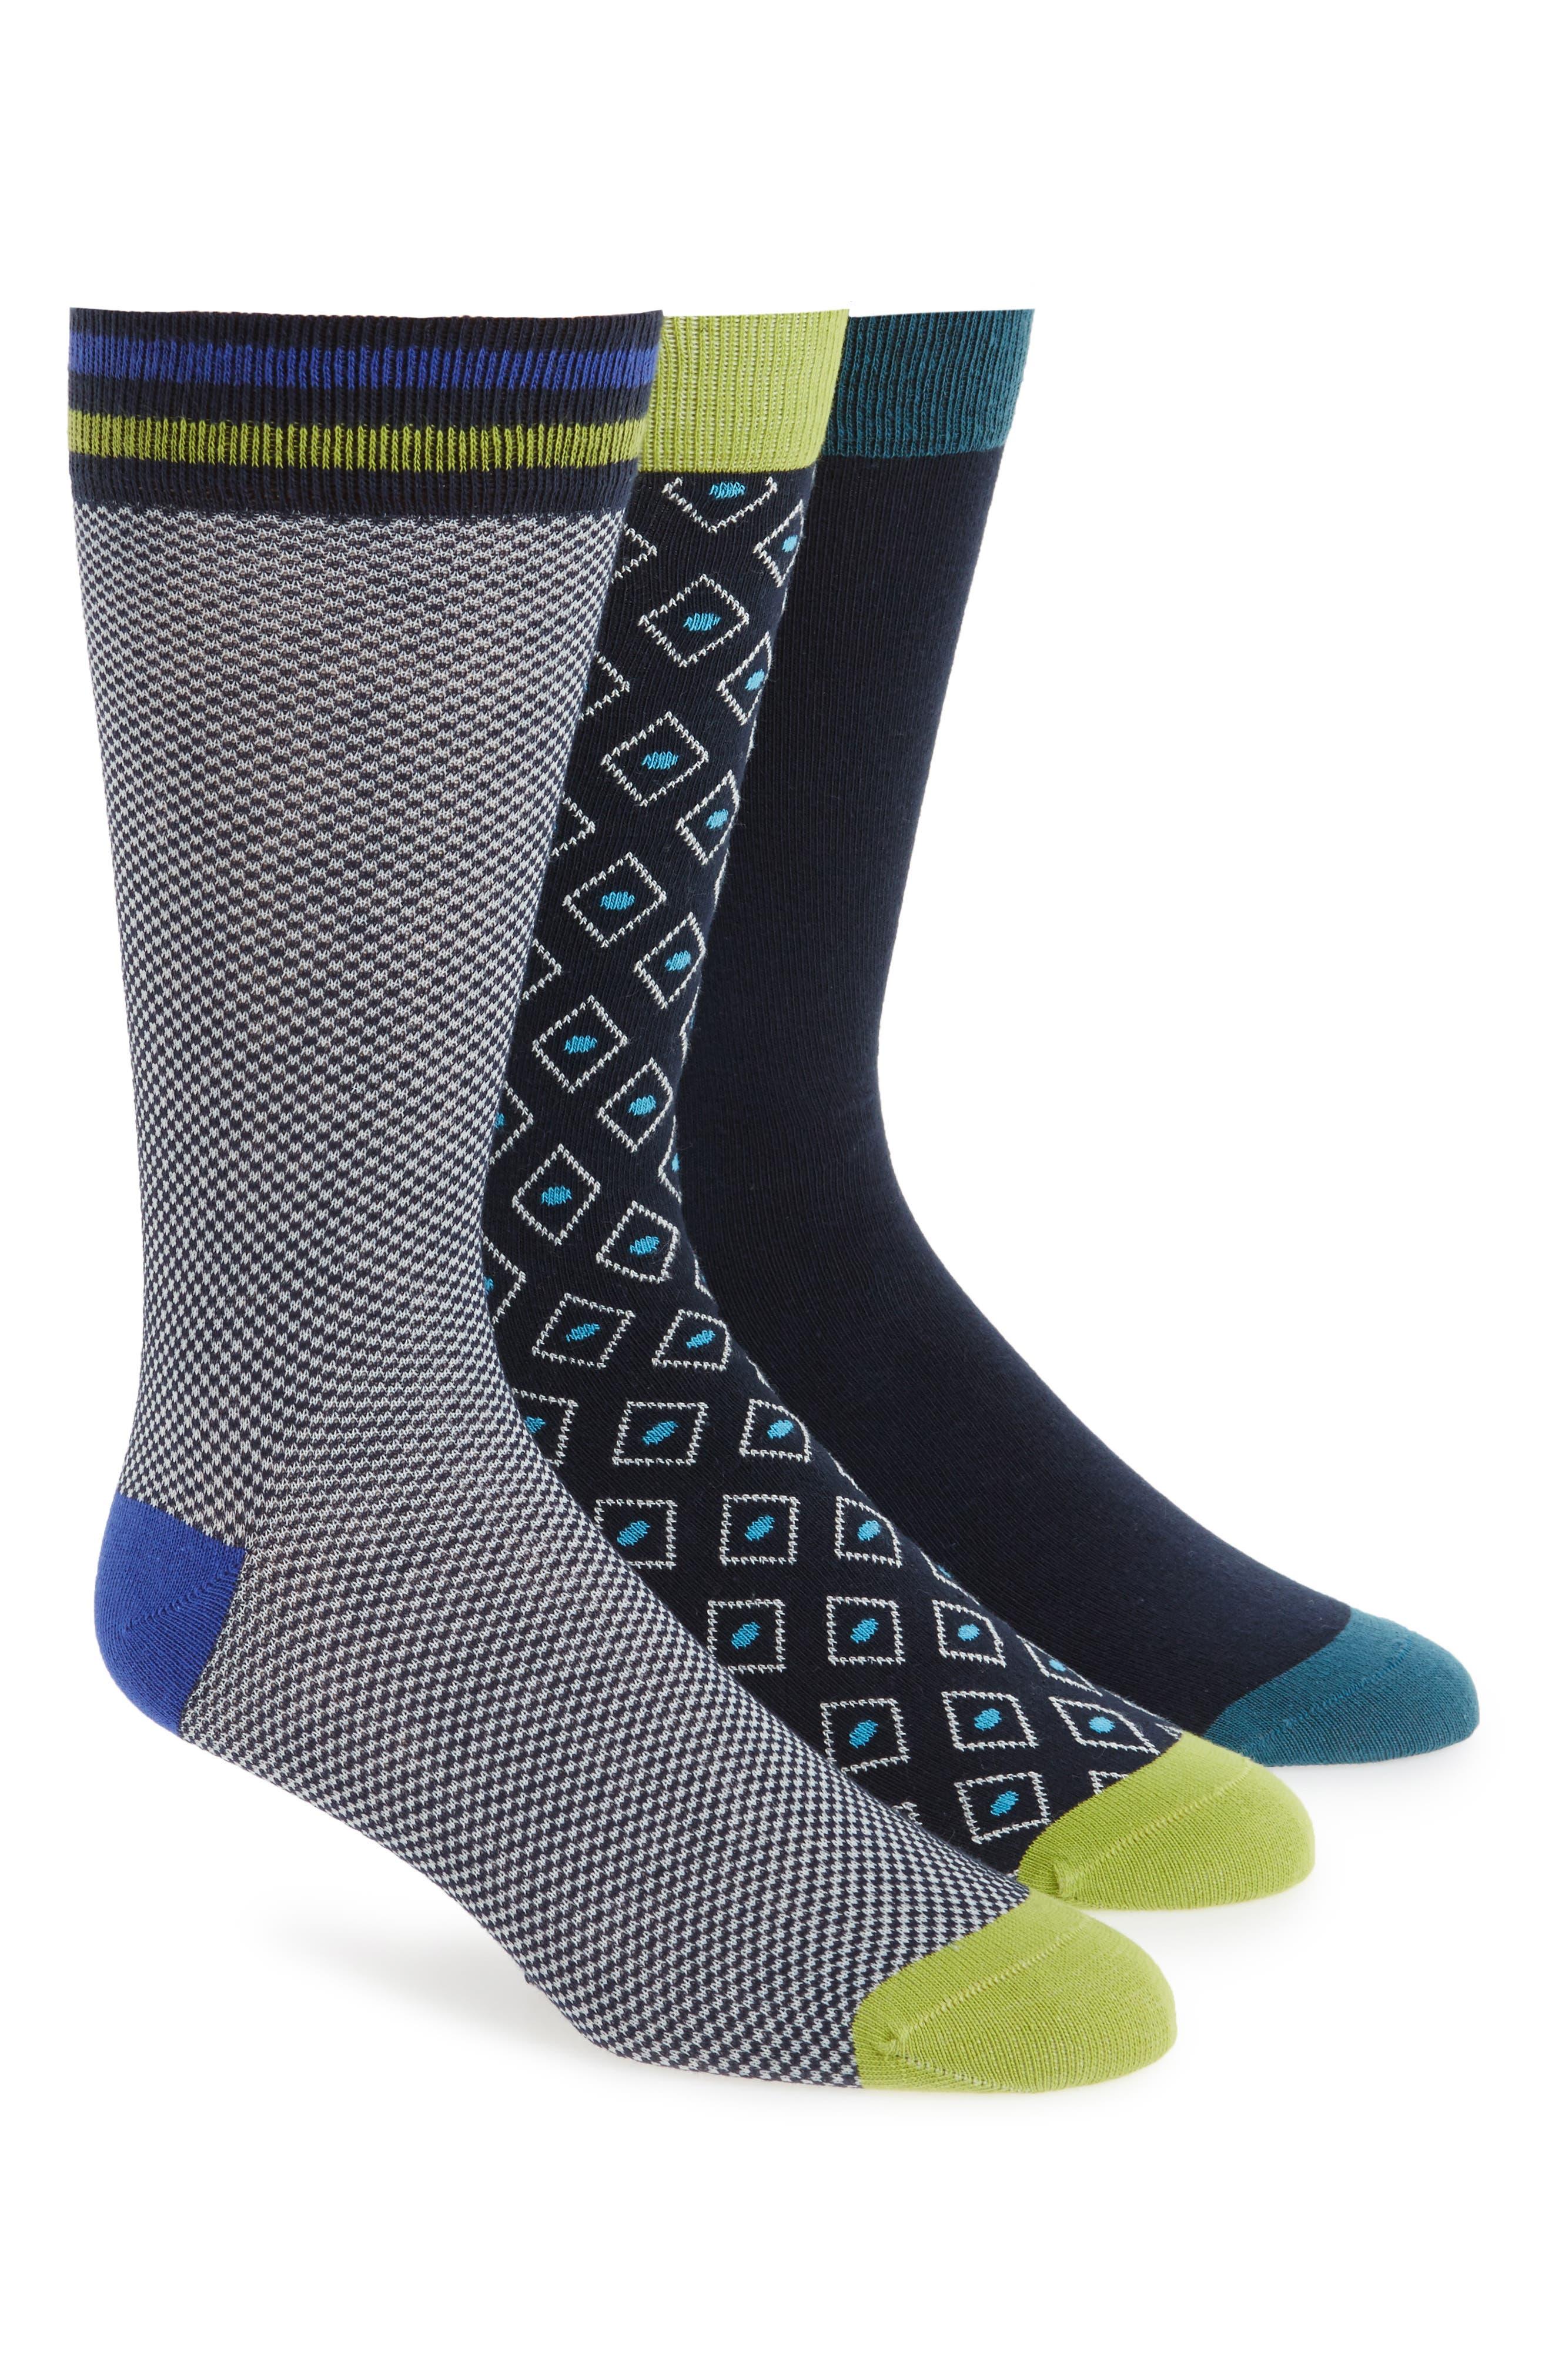 Main Image - Ted Baker London 3-Pack Socks